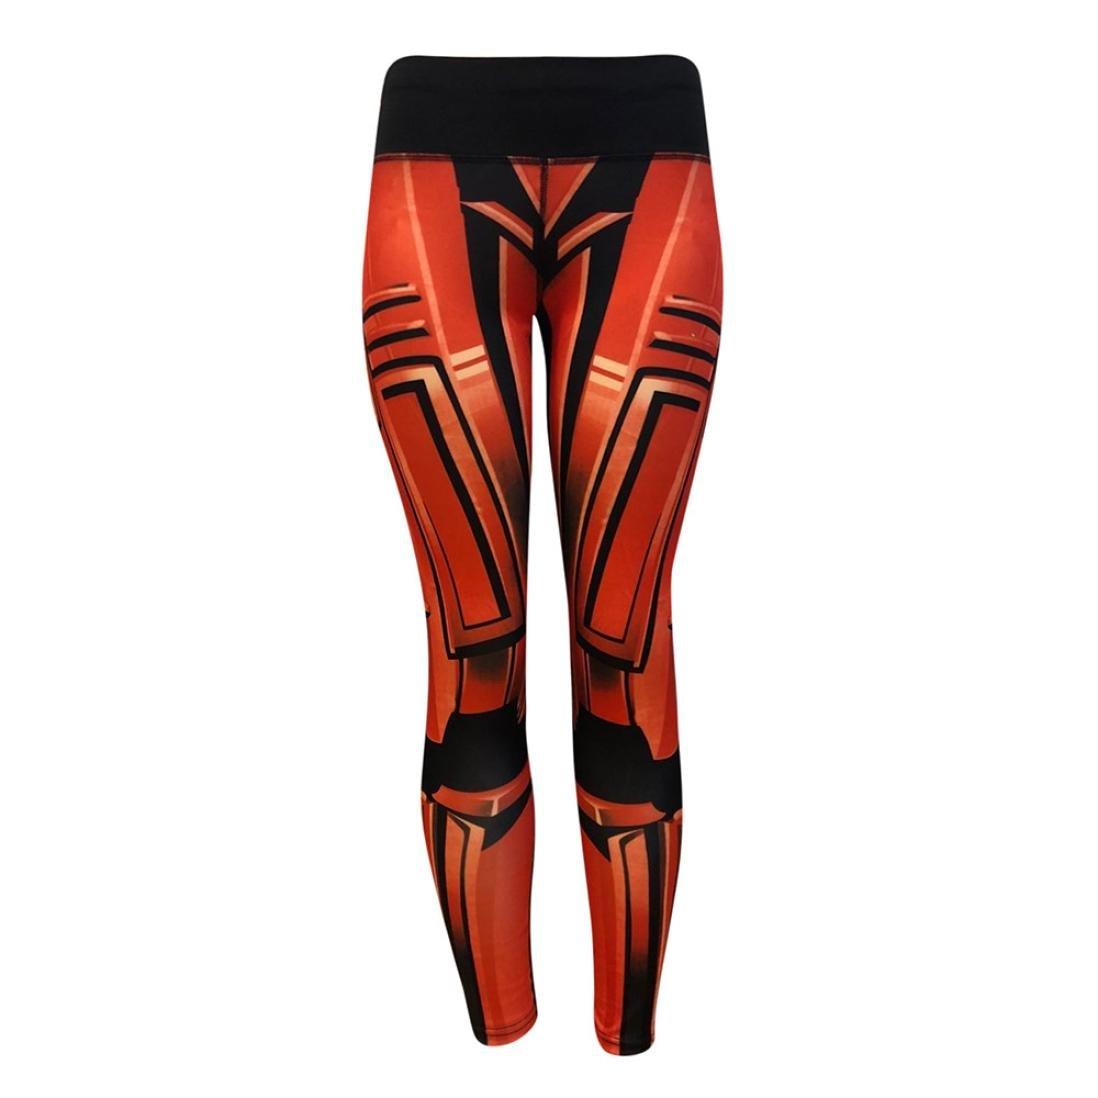 a79b7a929d0c2 Yoga Leggings Gris Bleu Orange Femme, Mode Féminine Leggings D'entraînement  Fitness Sports Gym Running Yoga Pantalon Athlétique Par Xinantime:  Amazon.fr: ...